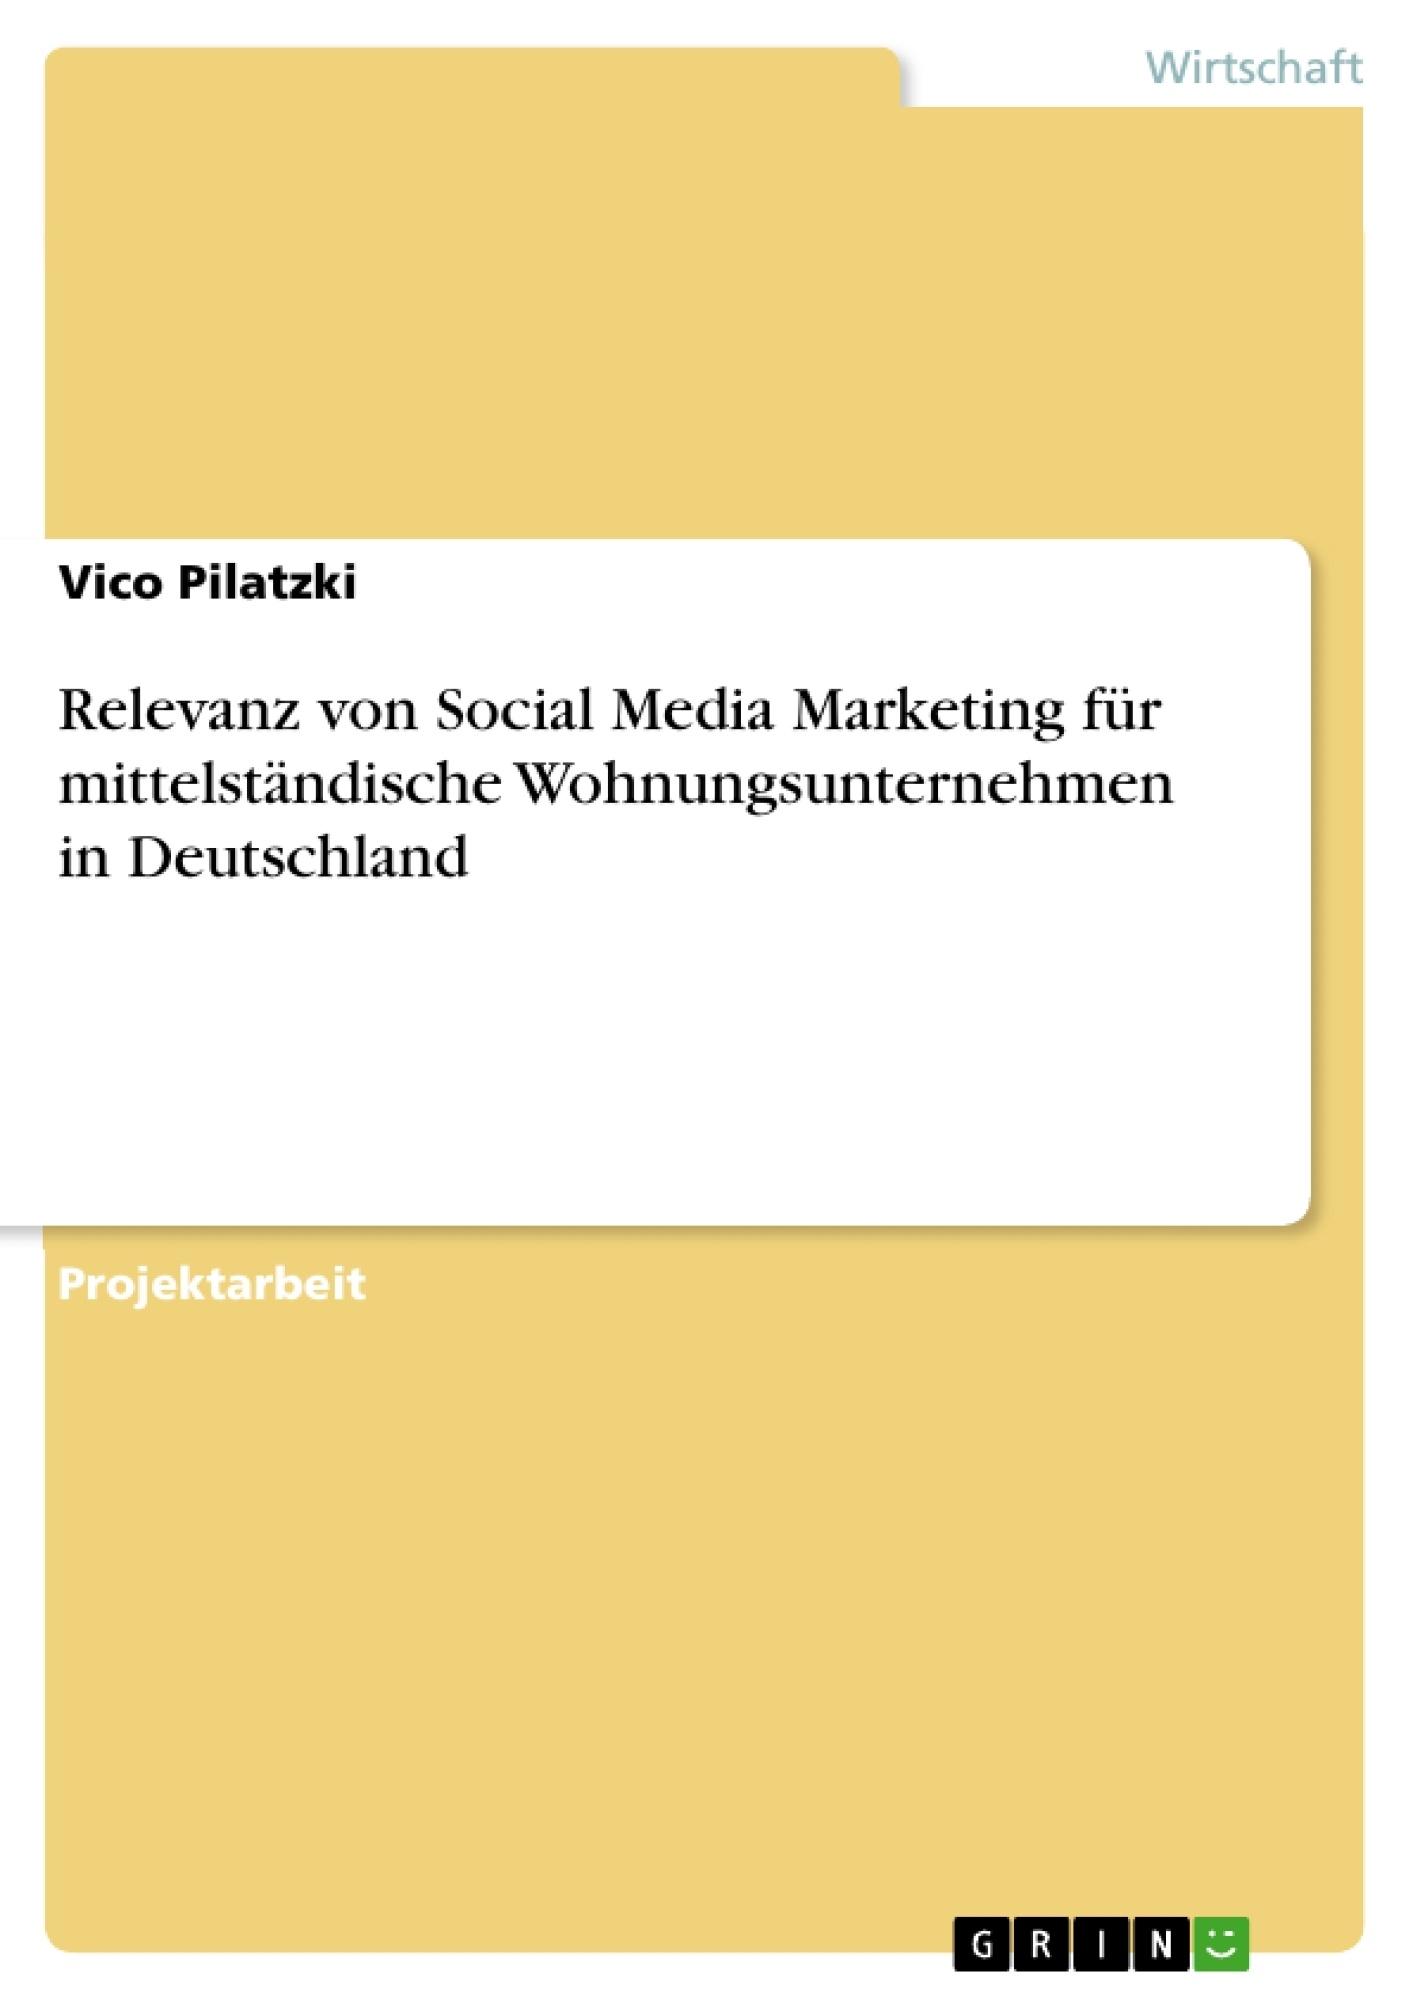 Titel: Relevanz von Social Media Marketing für mittelständische  Wohnungsunternehmen in Deutschland